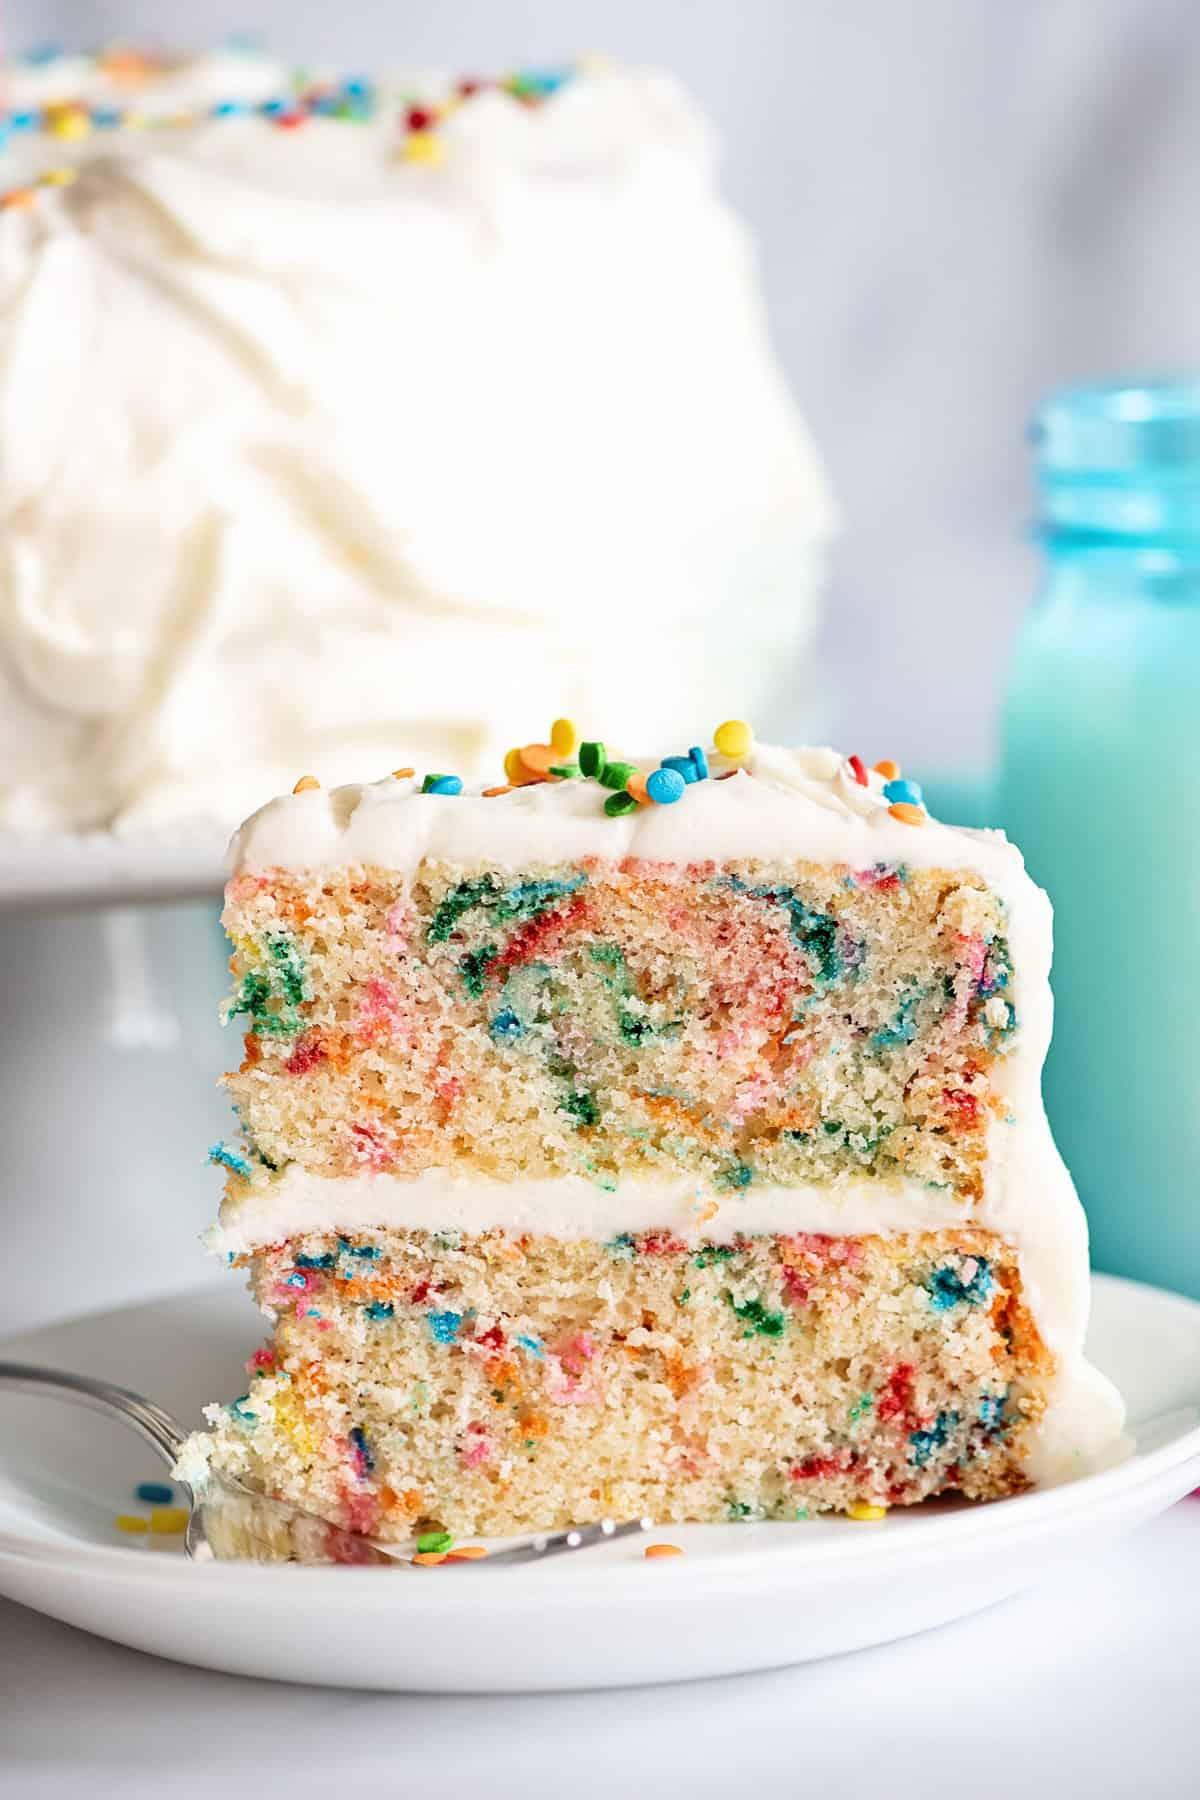 slice of easy birthday cake